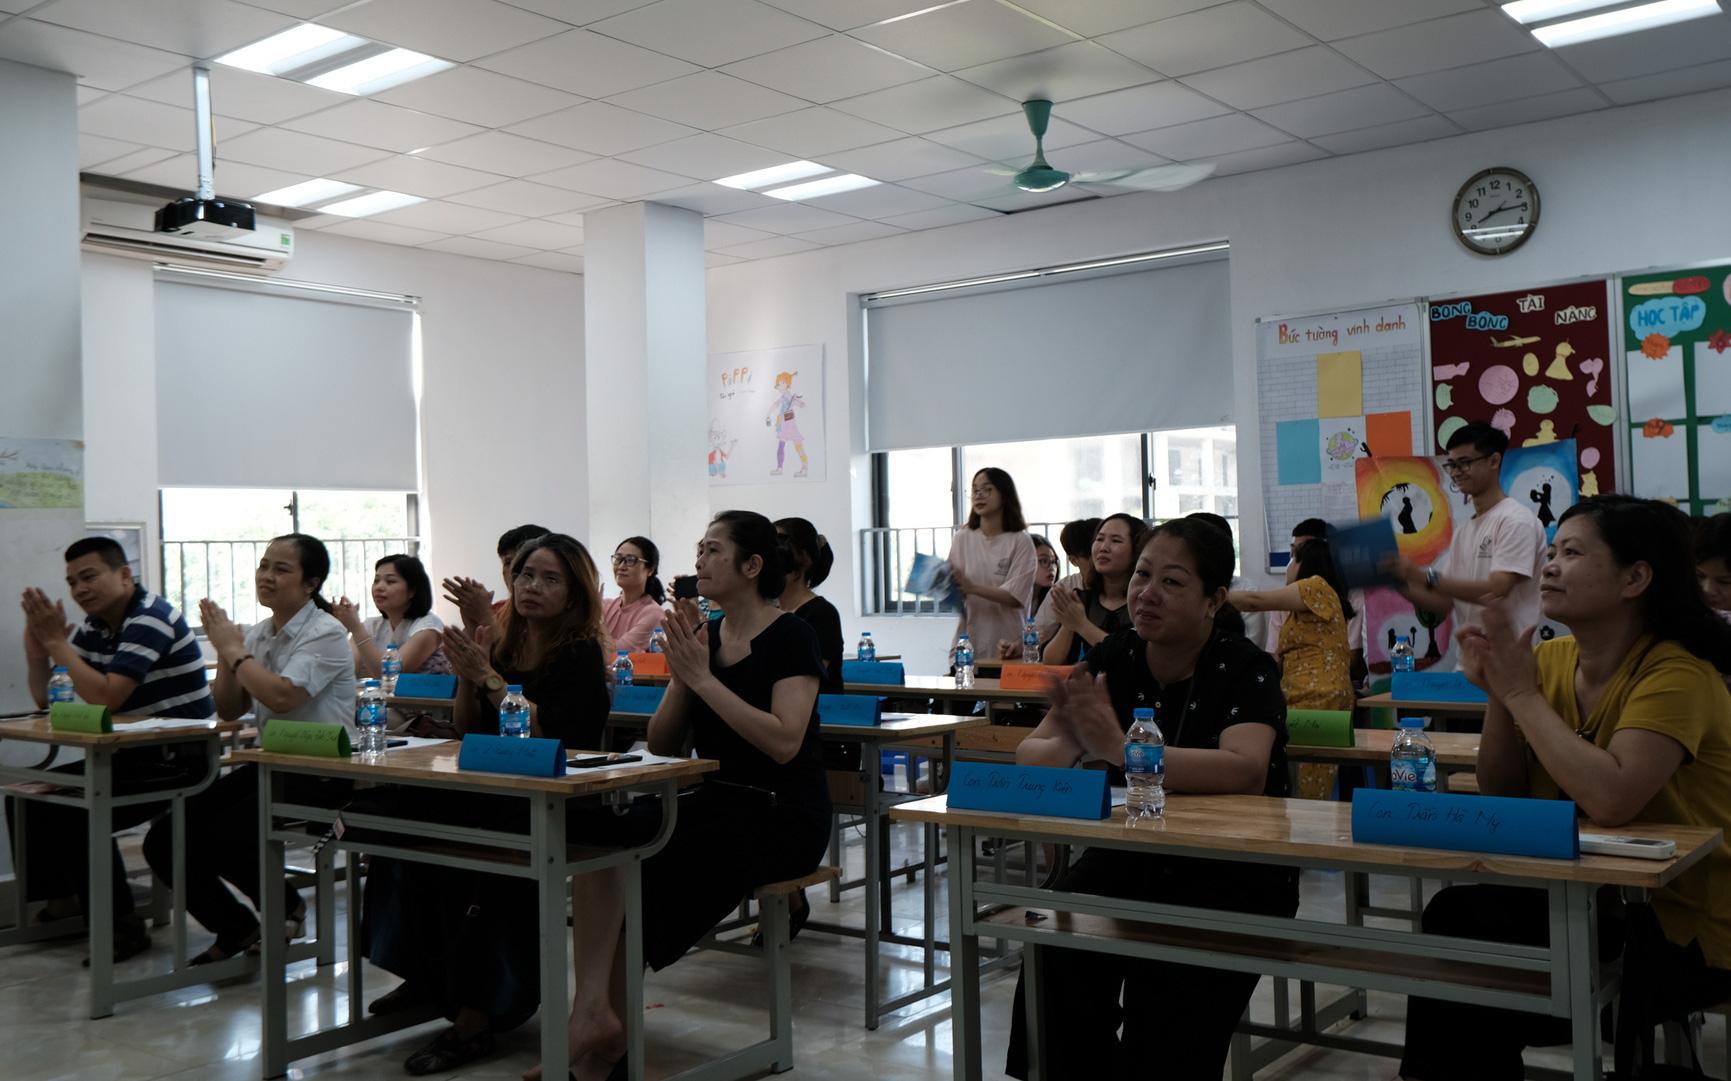 Buổi họp phụ huynh đặc biệt: MC 'song ngữ', cô giáo thành khách mời